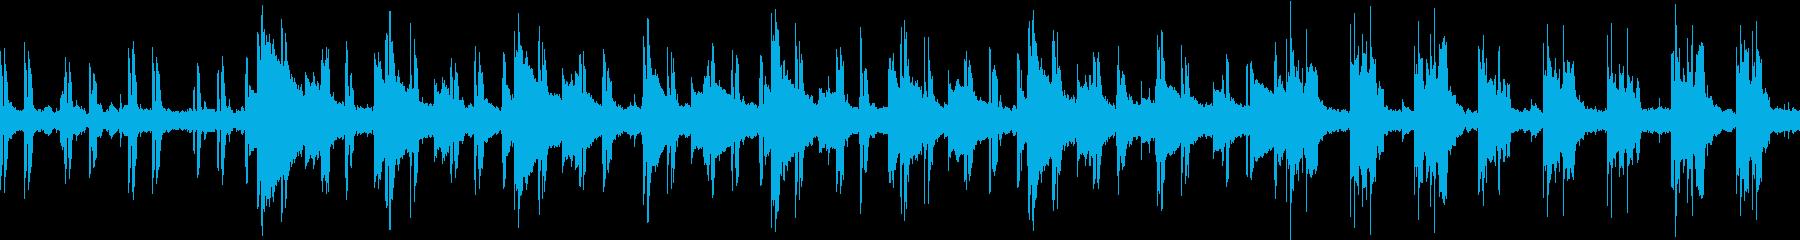 ベースとエレピの不思議な雰囲気のBGMの再生済みの波形